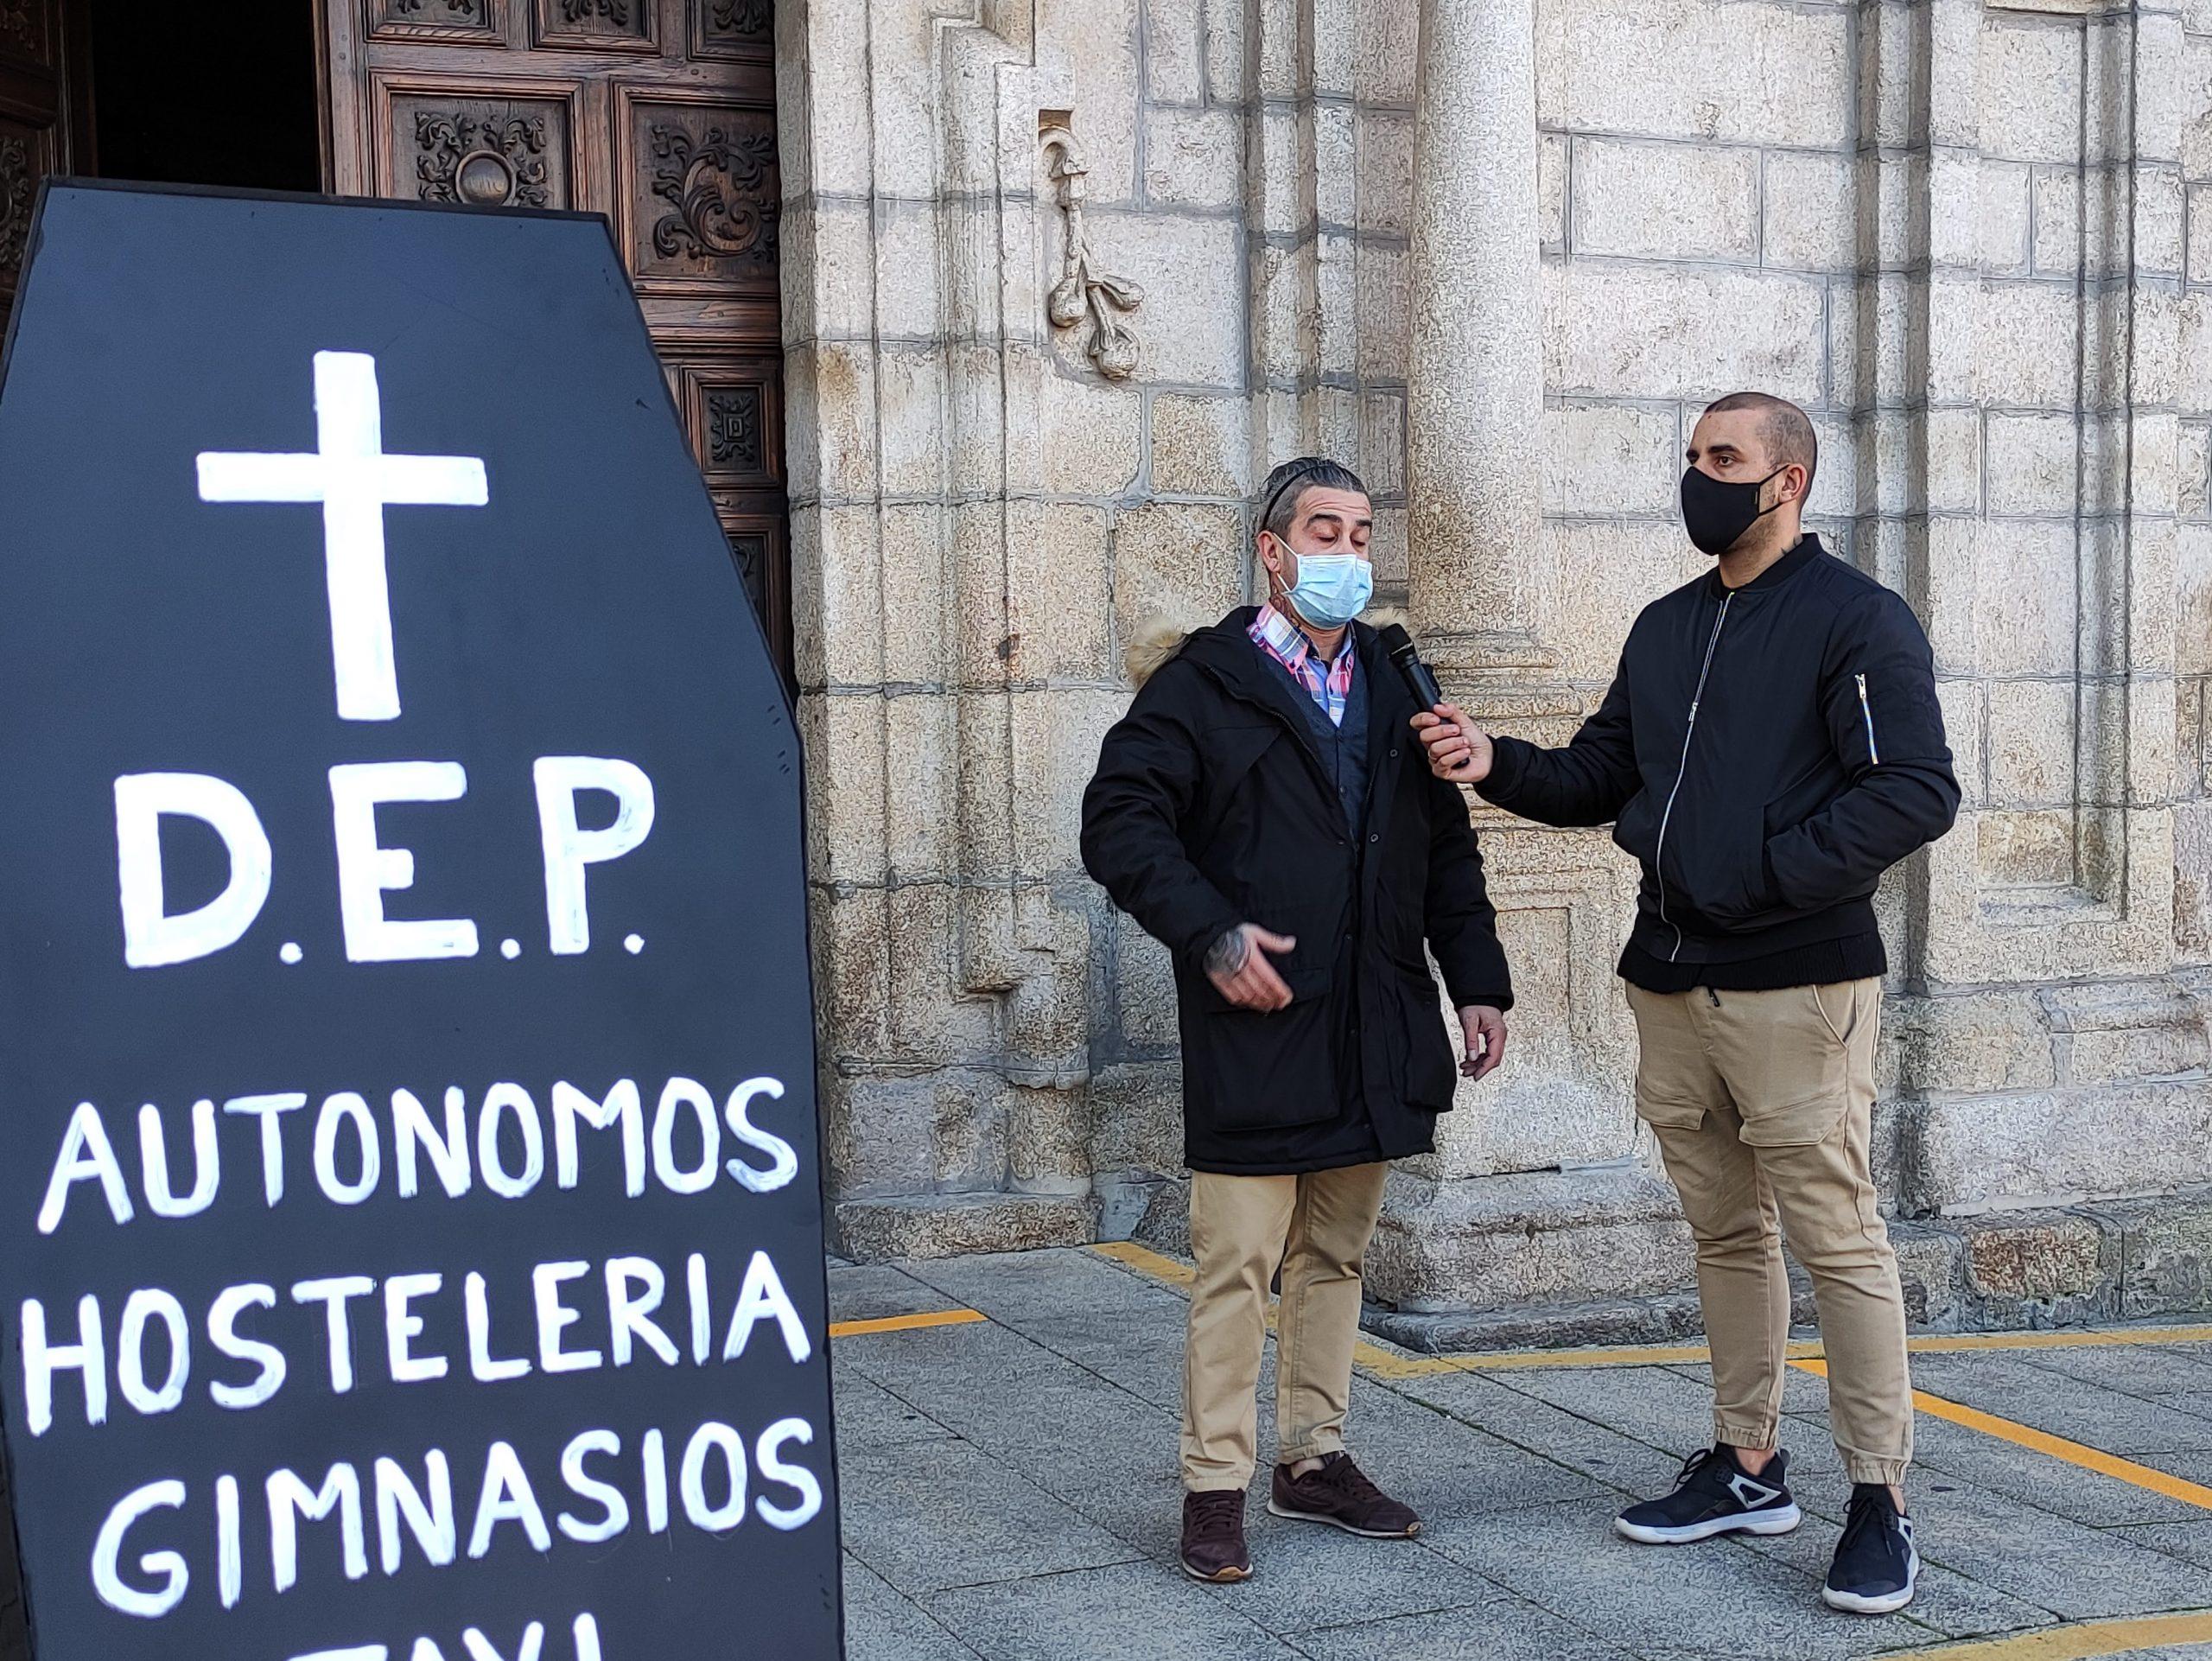 Autónomos, hostelería, gimnasios y gremio del Taxi escenifican la muerte de sus negocios 3